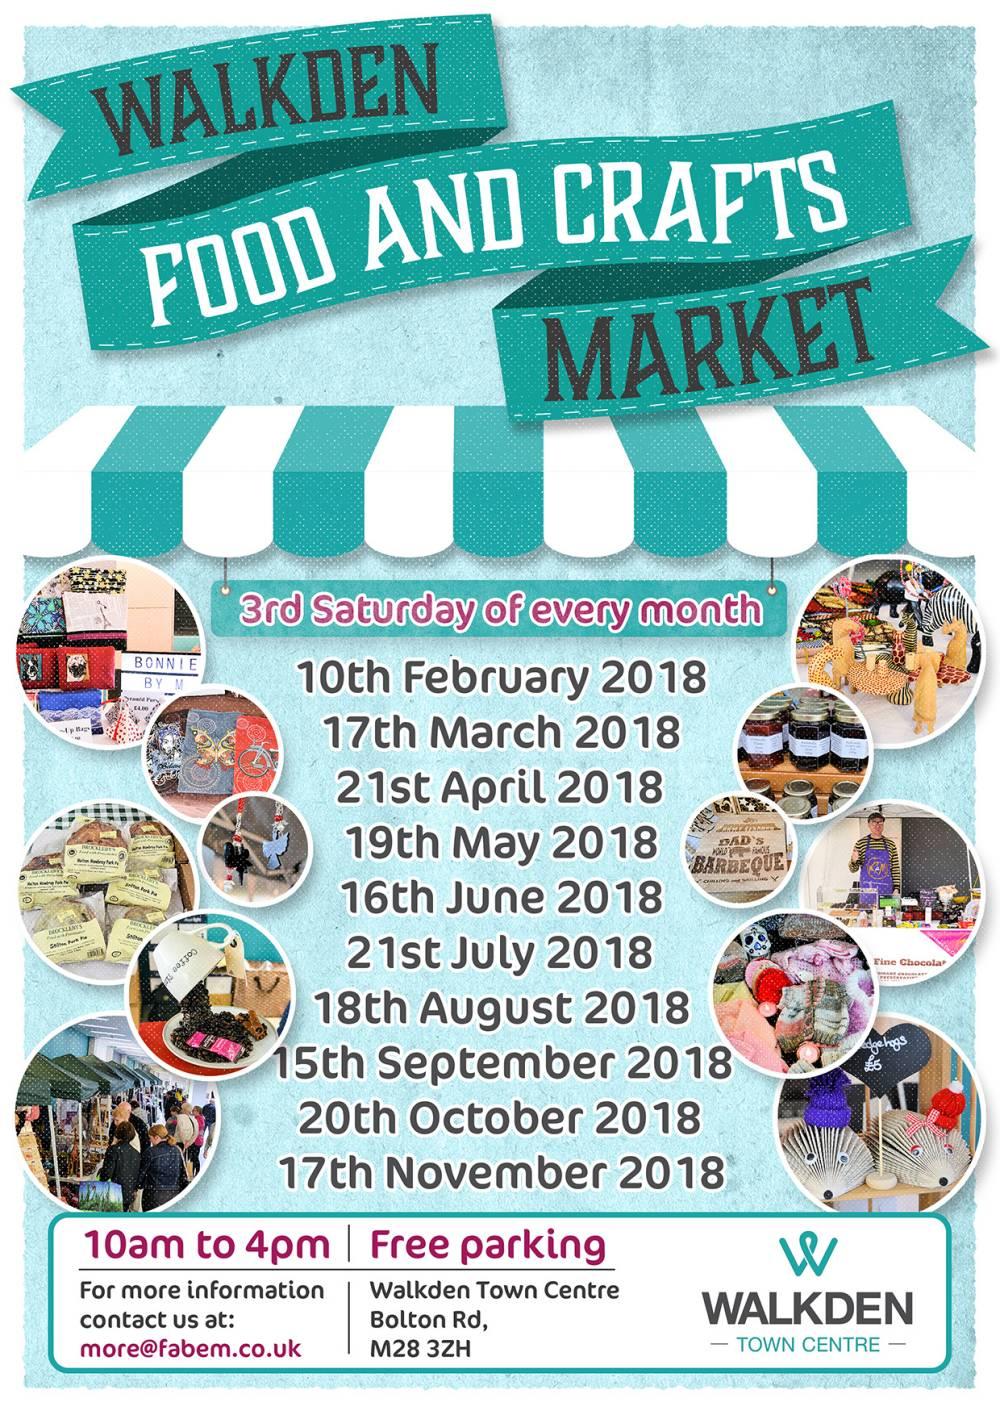 Walkden Food and Crafts Market Dates 2018